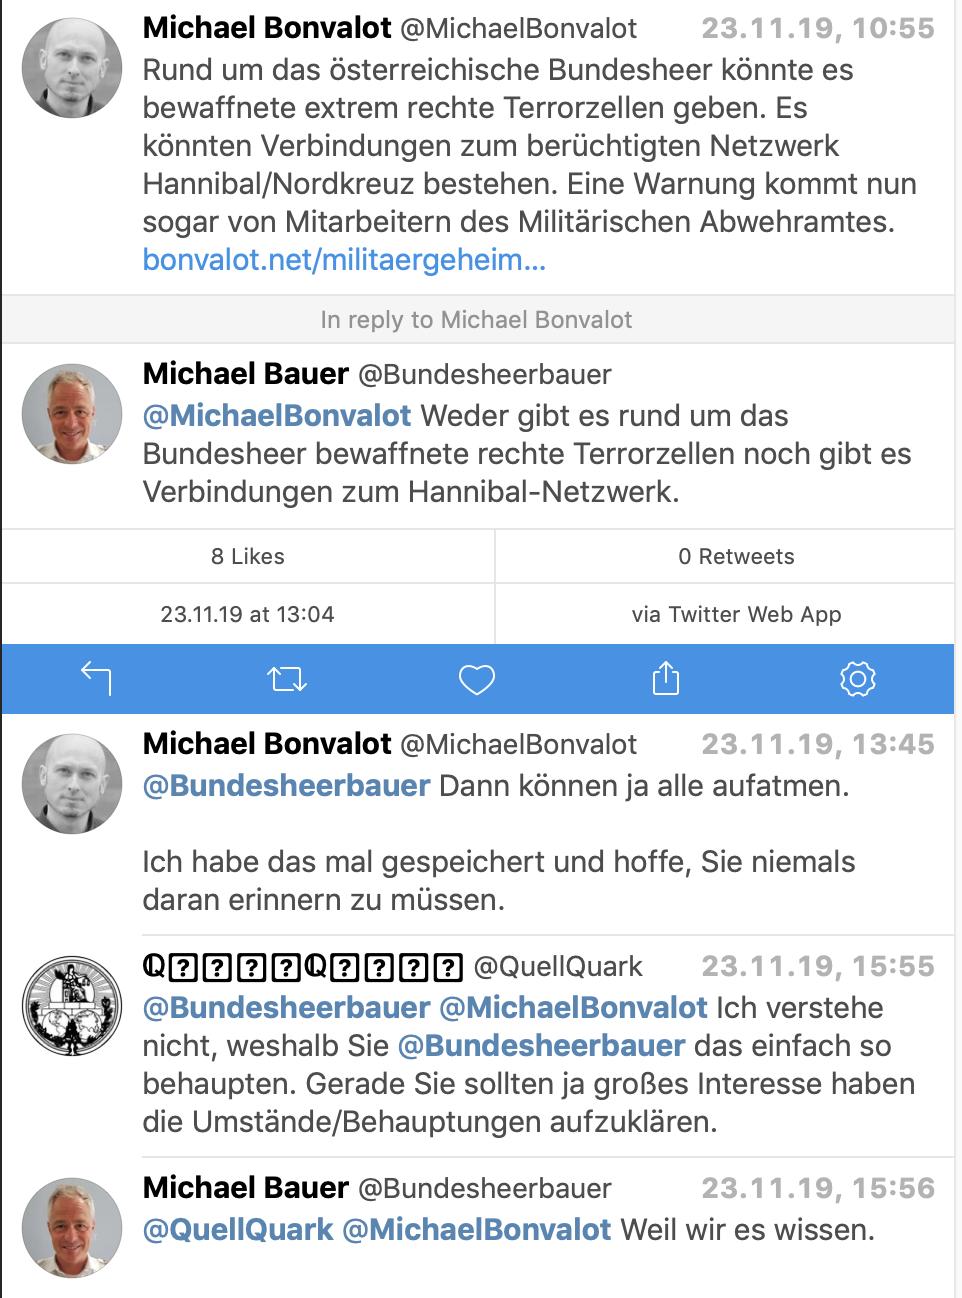 """Der Pressesprecher des Verteidigungsministeriums via Twitter am 23.11.19: """"Weder gibt es rund um das Bundesheer bewaffnte rechte Terrorzellen noch gibt es Verbindungen zum Hannibal-Netzwerk."""" """"Weil wir es wissen."""""""